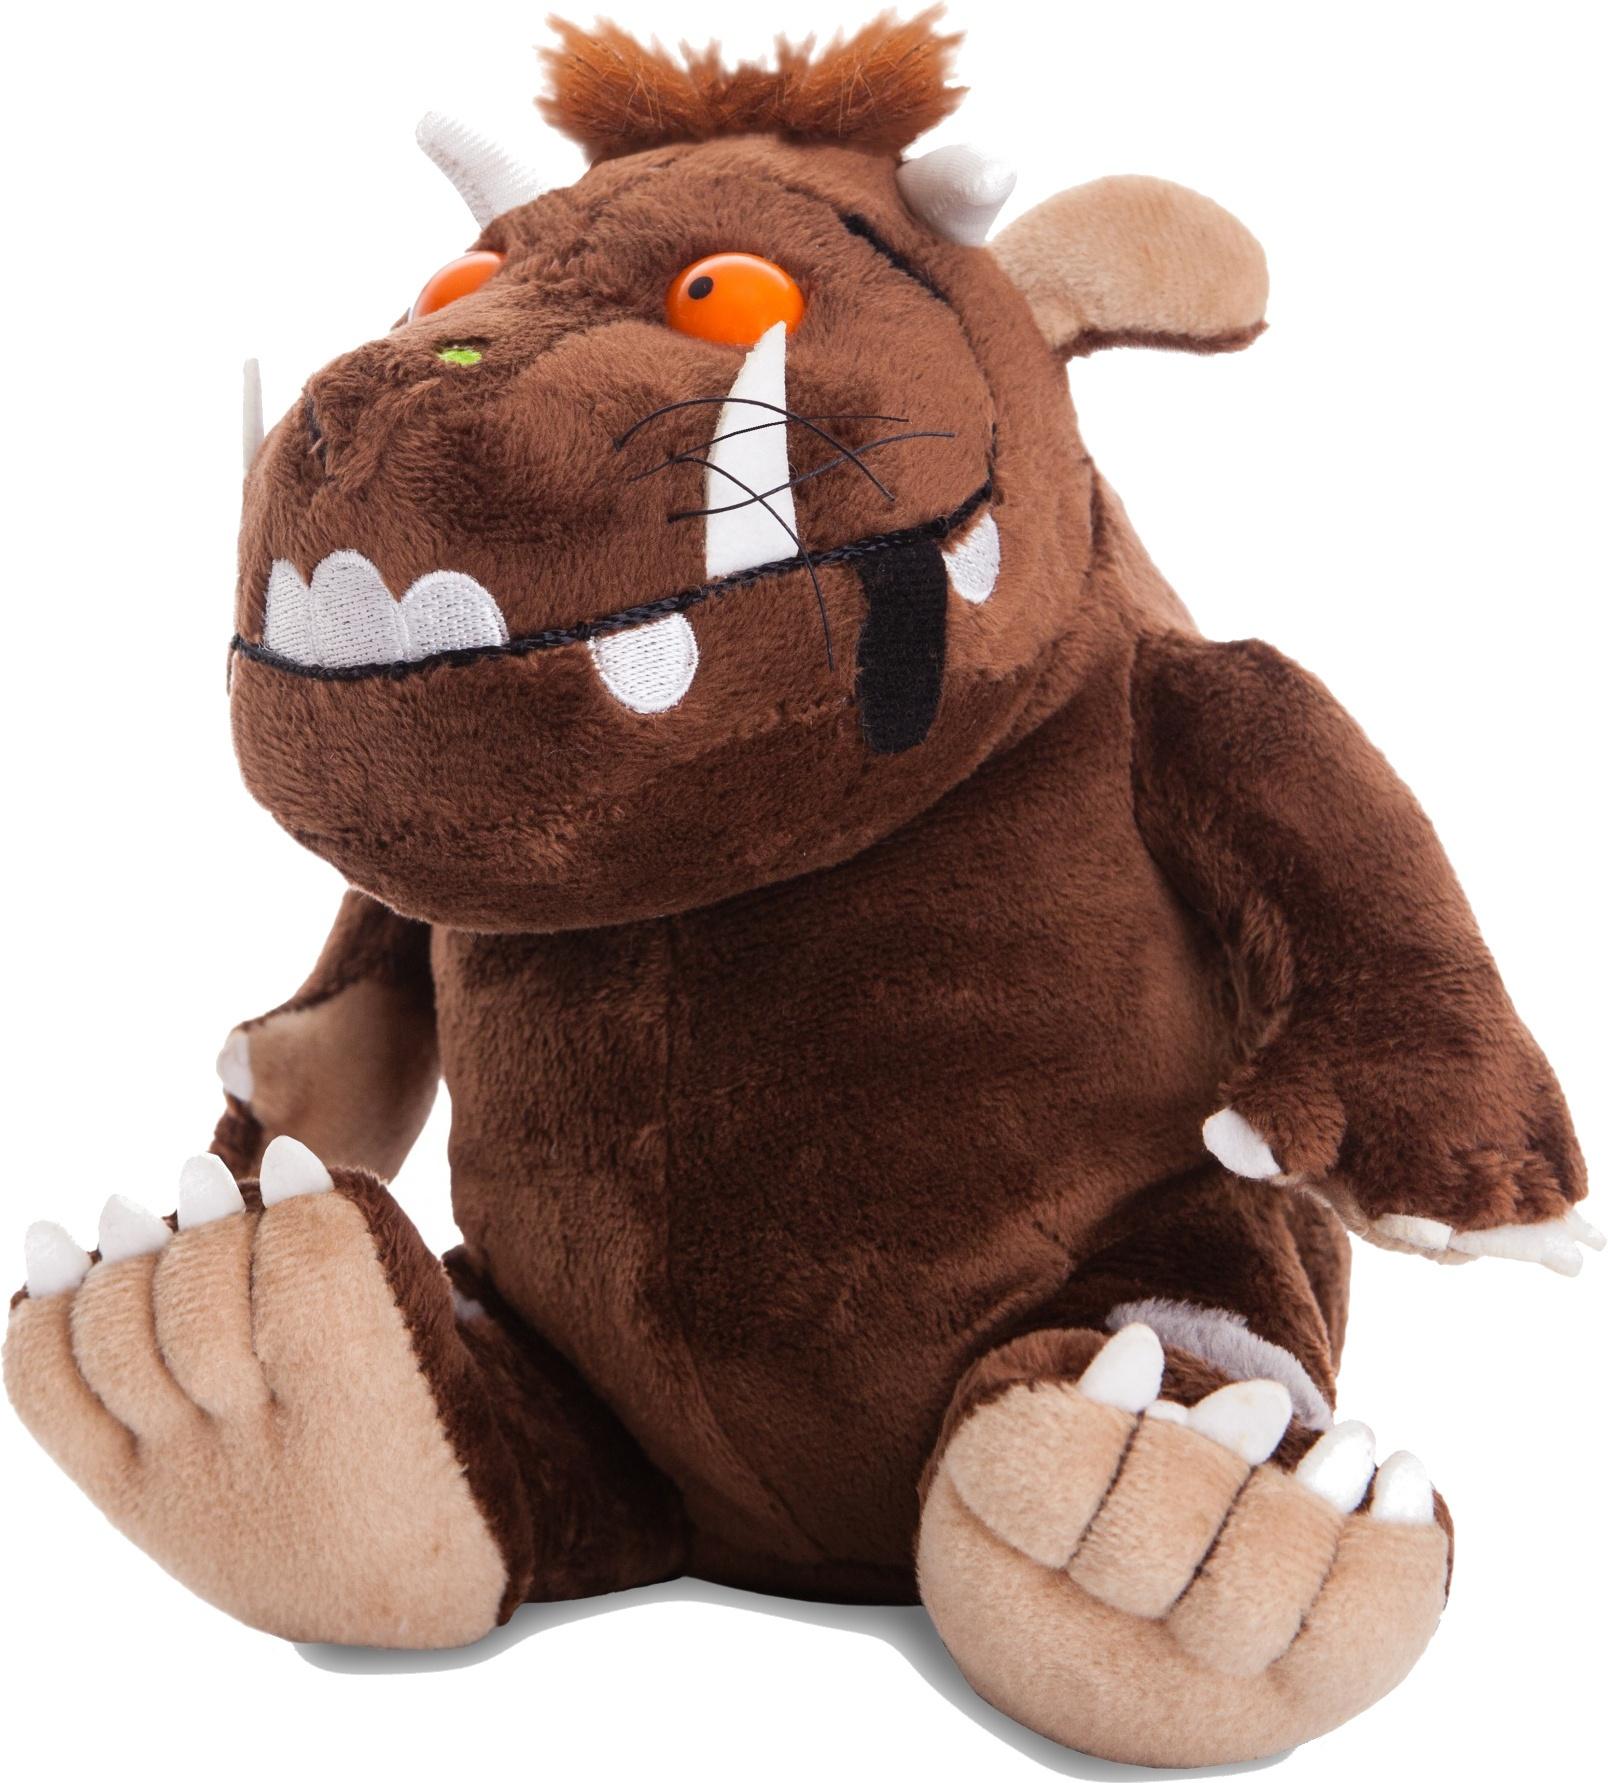 De Gruffalo knuffel 41 cm donkerbruin - Internet-Toys